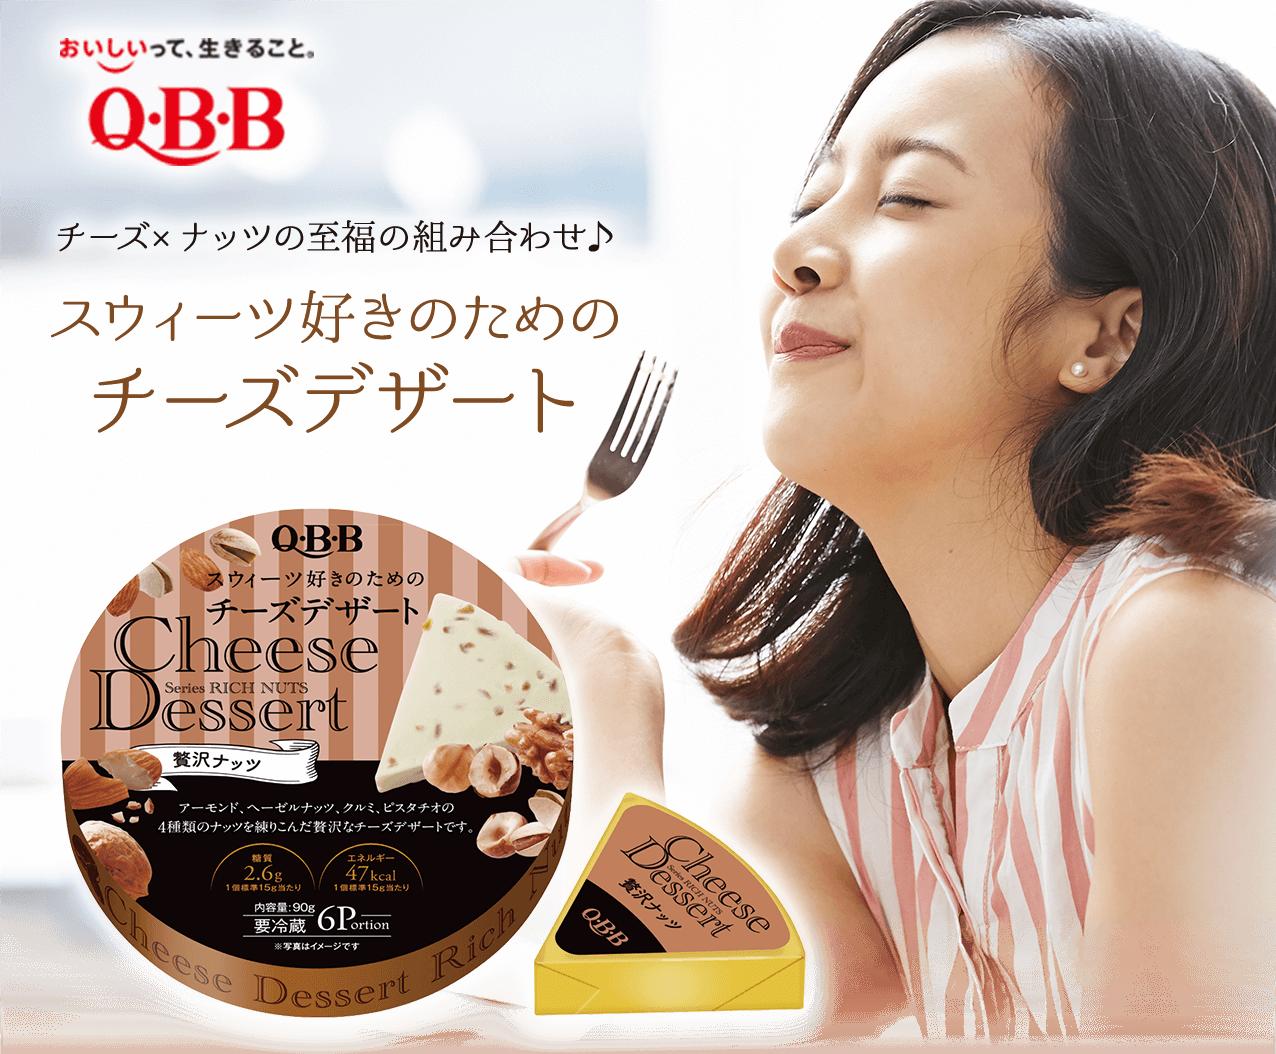 QBB  チーズ×ナッツの至福の組み合わせ♪スウィーツ好きのためのチーズデザート